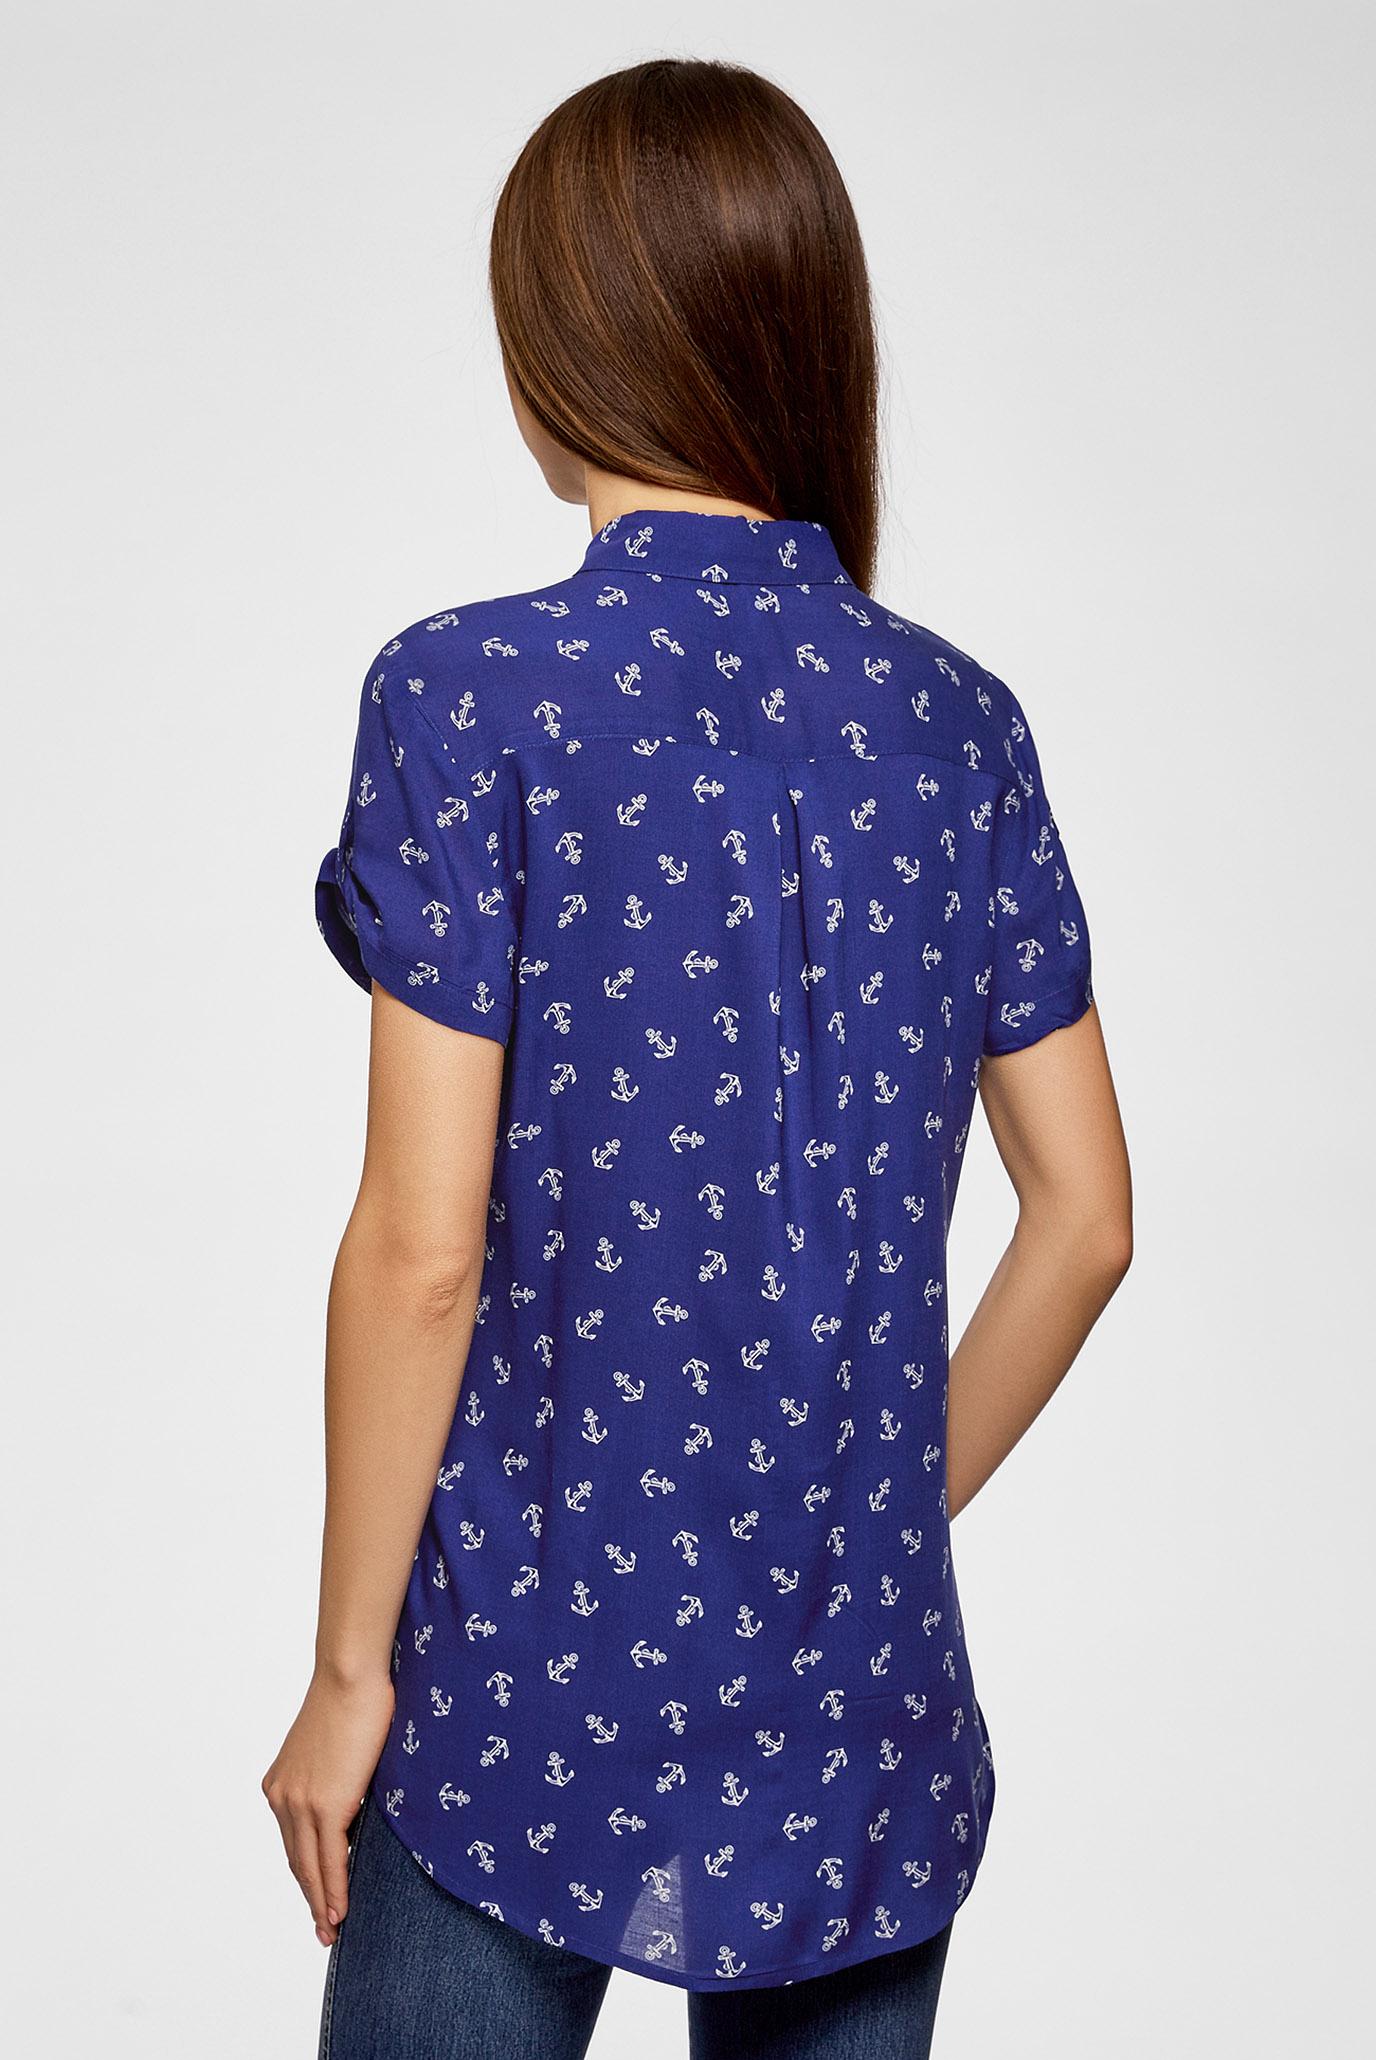 Купить Женская синяя блуза Oodji Oodji 11400391-4B/24681/7512O – Киев, Украина. Цены в интернет магазине MD Fashion